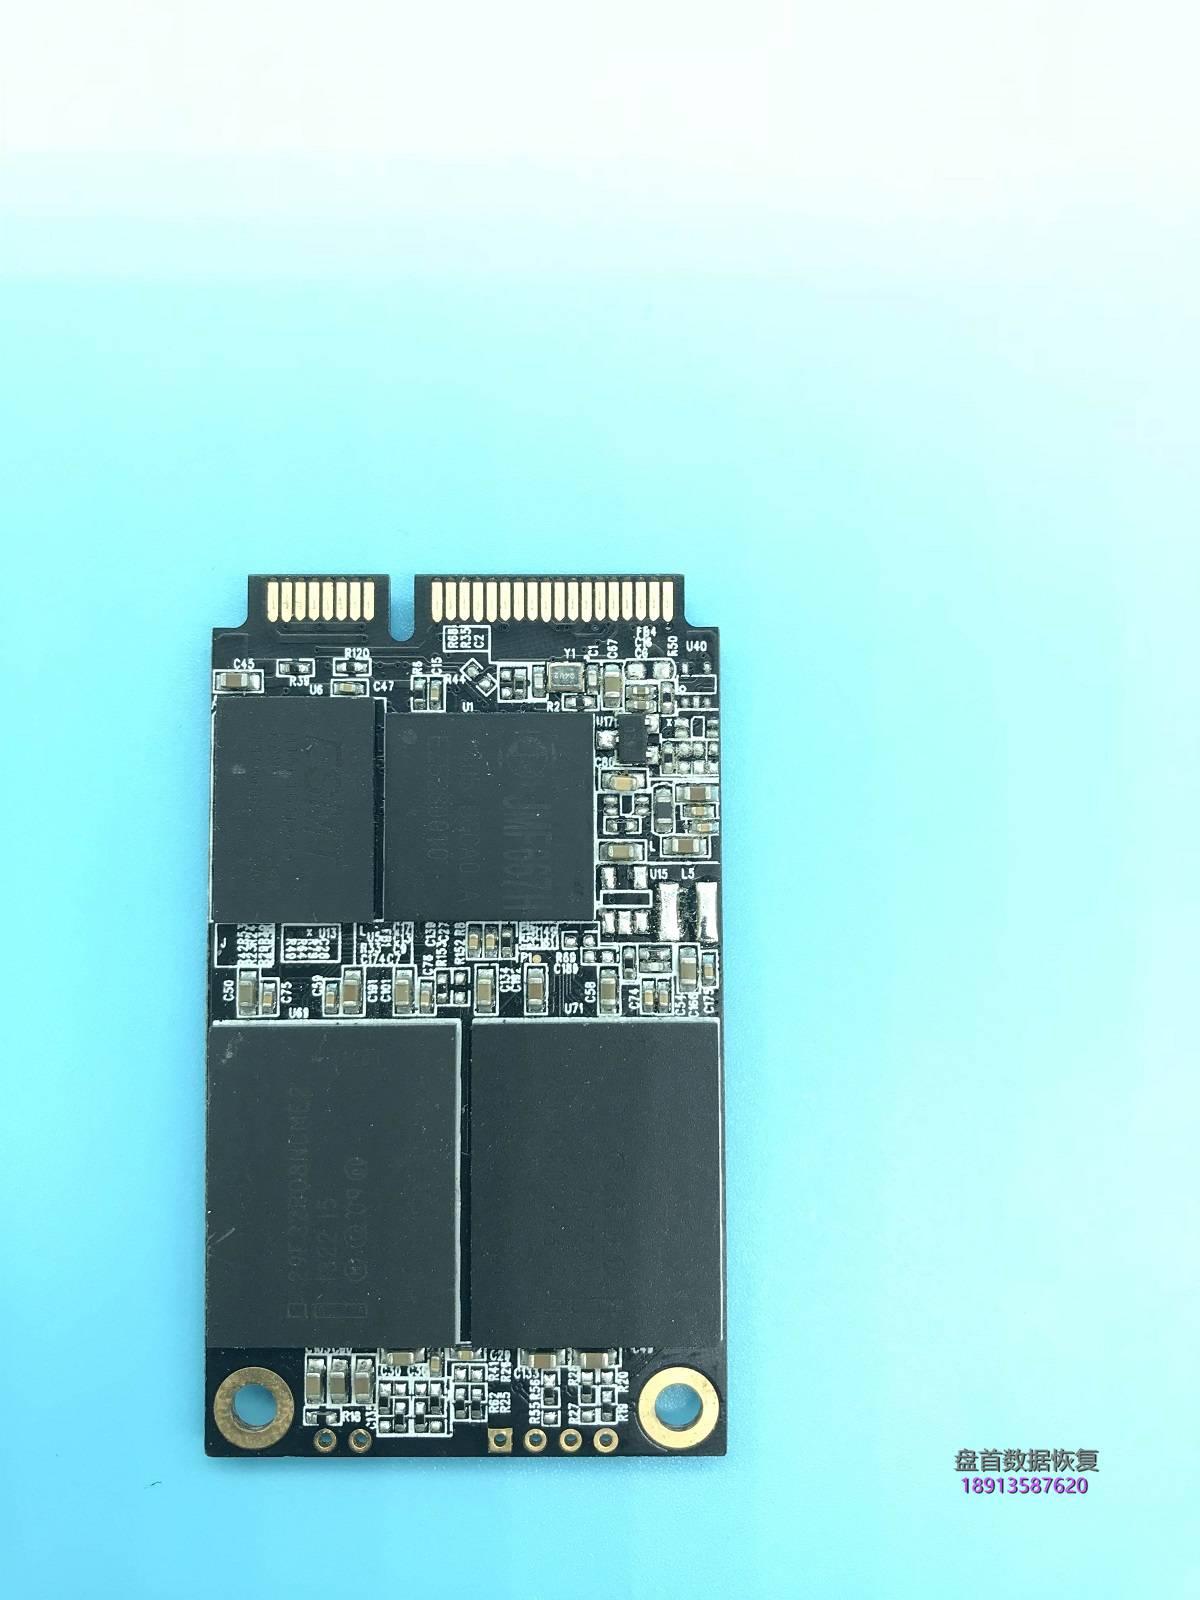 0-1 影驰战将M128G型号JMF667H主控SSD固态硬盘掉盘后不能读取数据无法识别数据恢复成功